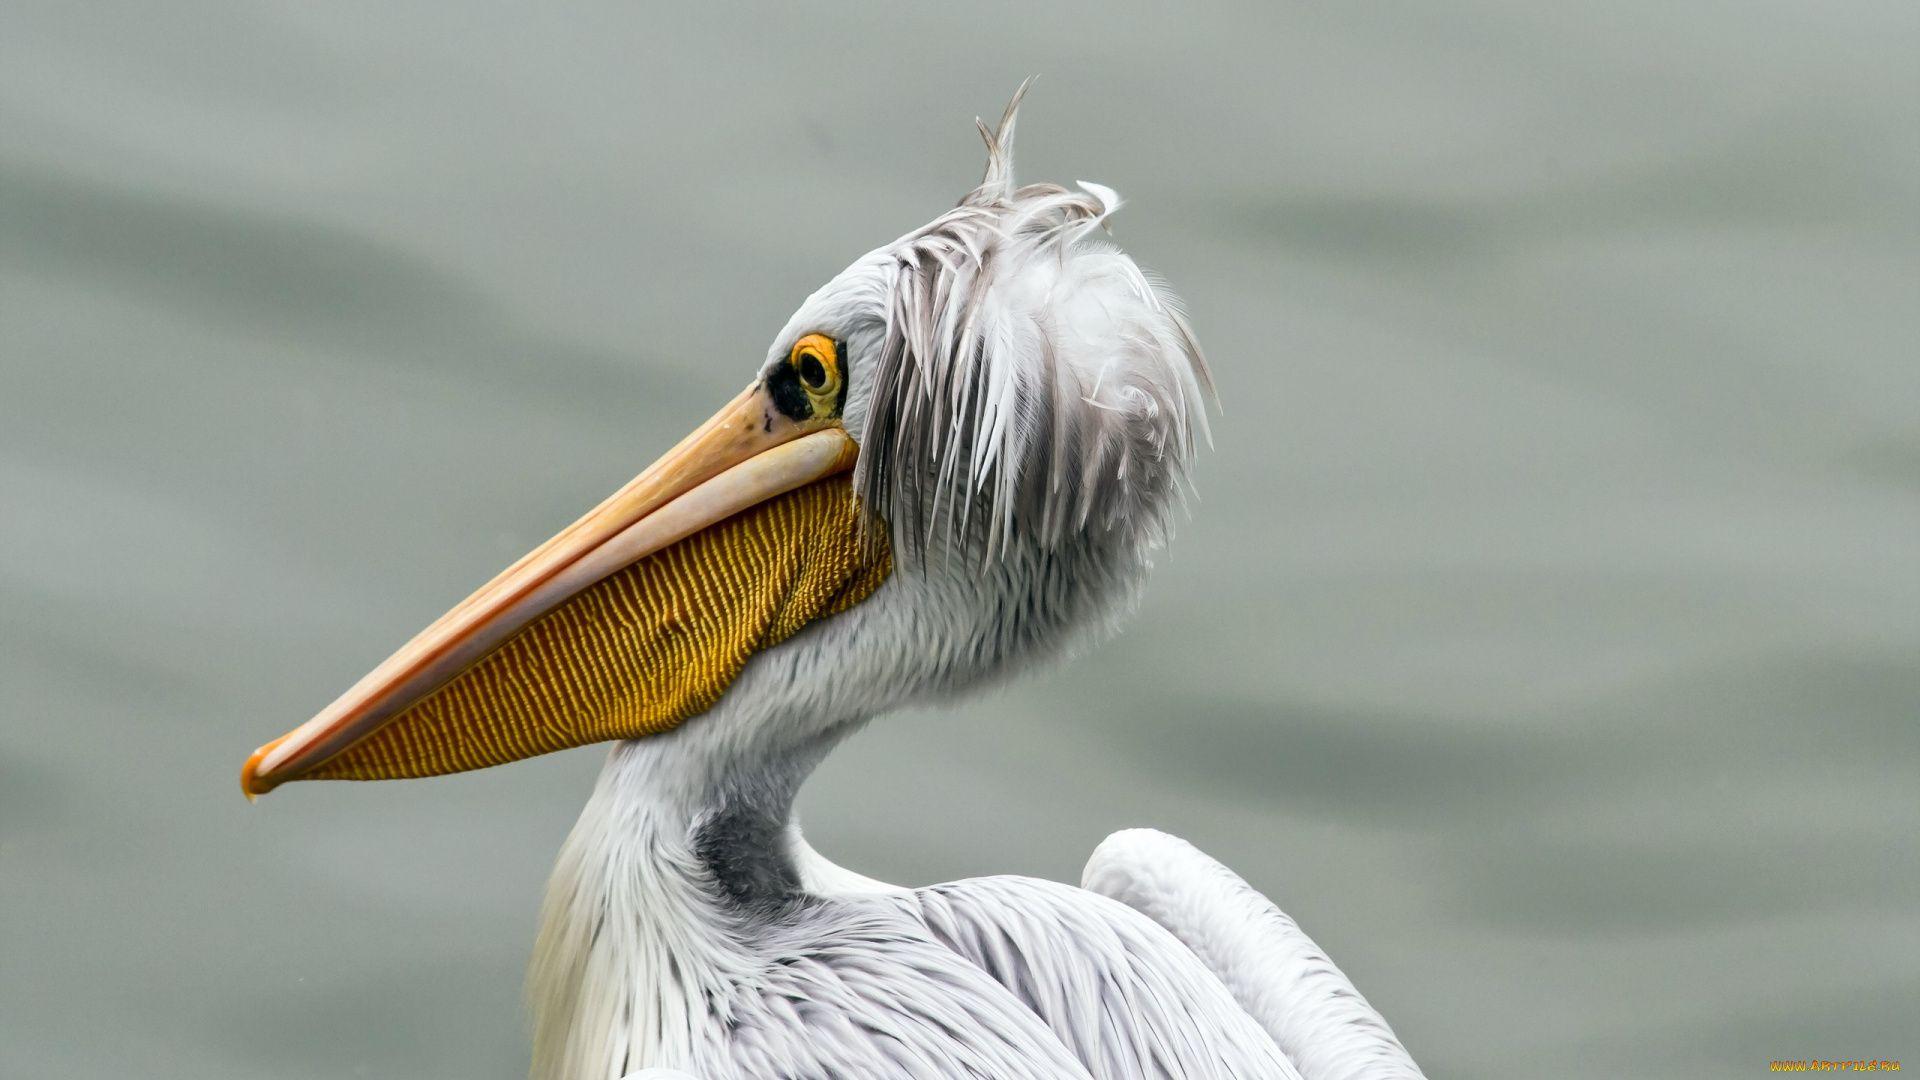 Pelican download nice wallpaper